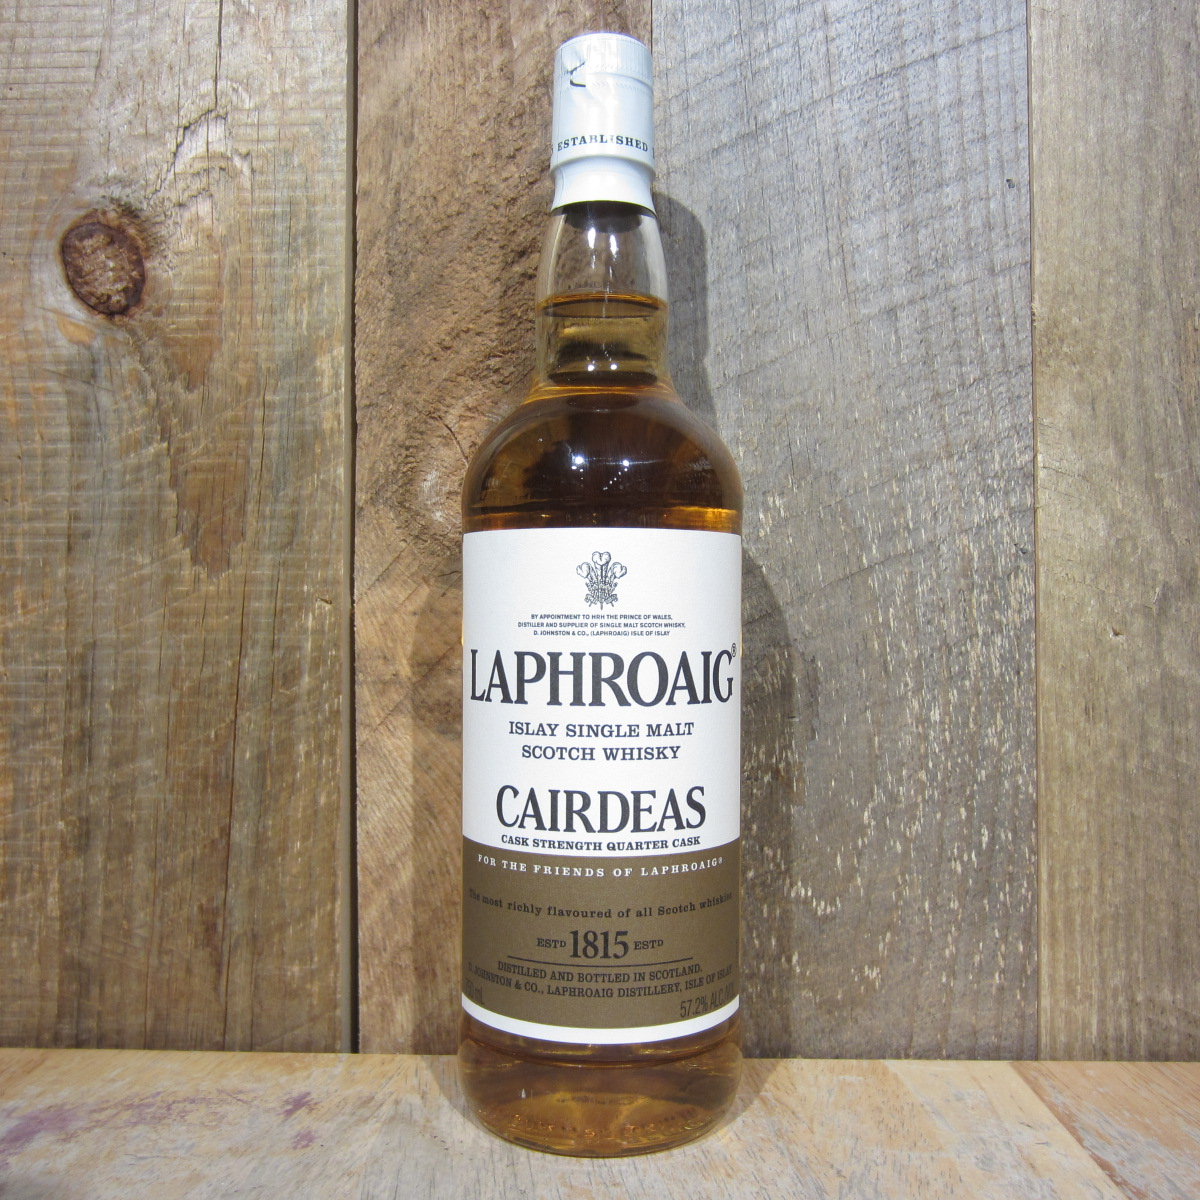 Laphroaig Cairdeas Quarter Cask 114.4 750ml